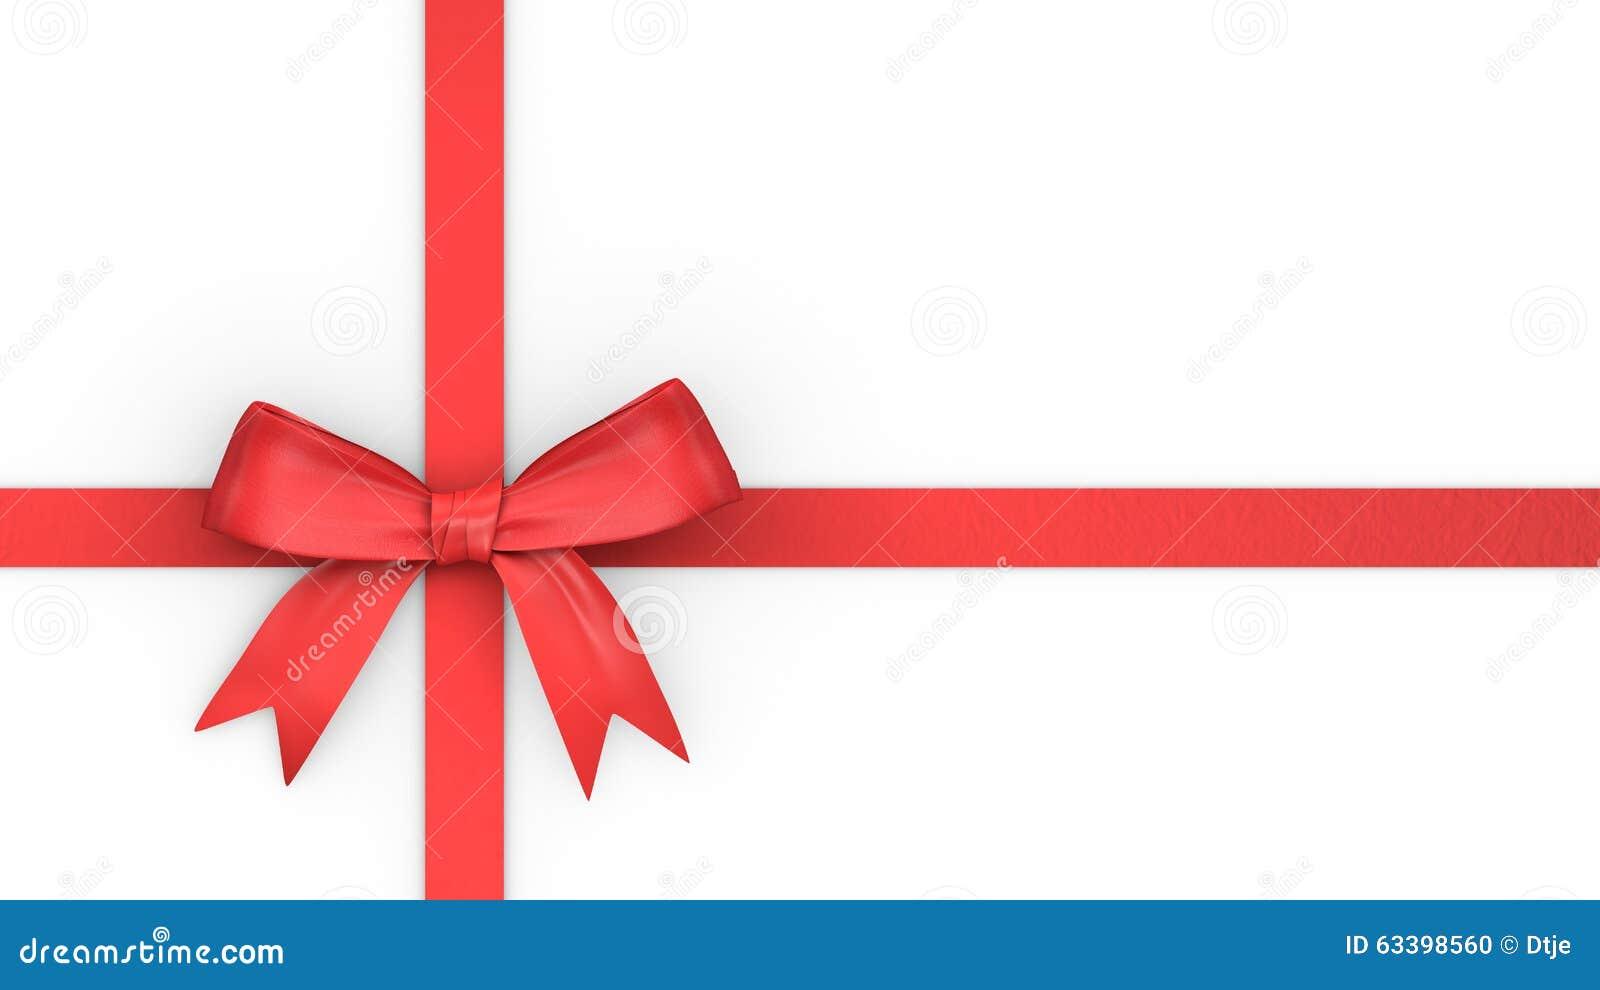 ruban et noeud rouges pour le cadeau de no l illustration stock image 63398560. Black Bedroom Furniture Sets. Home Design Ideas